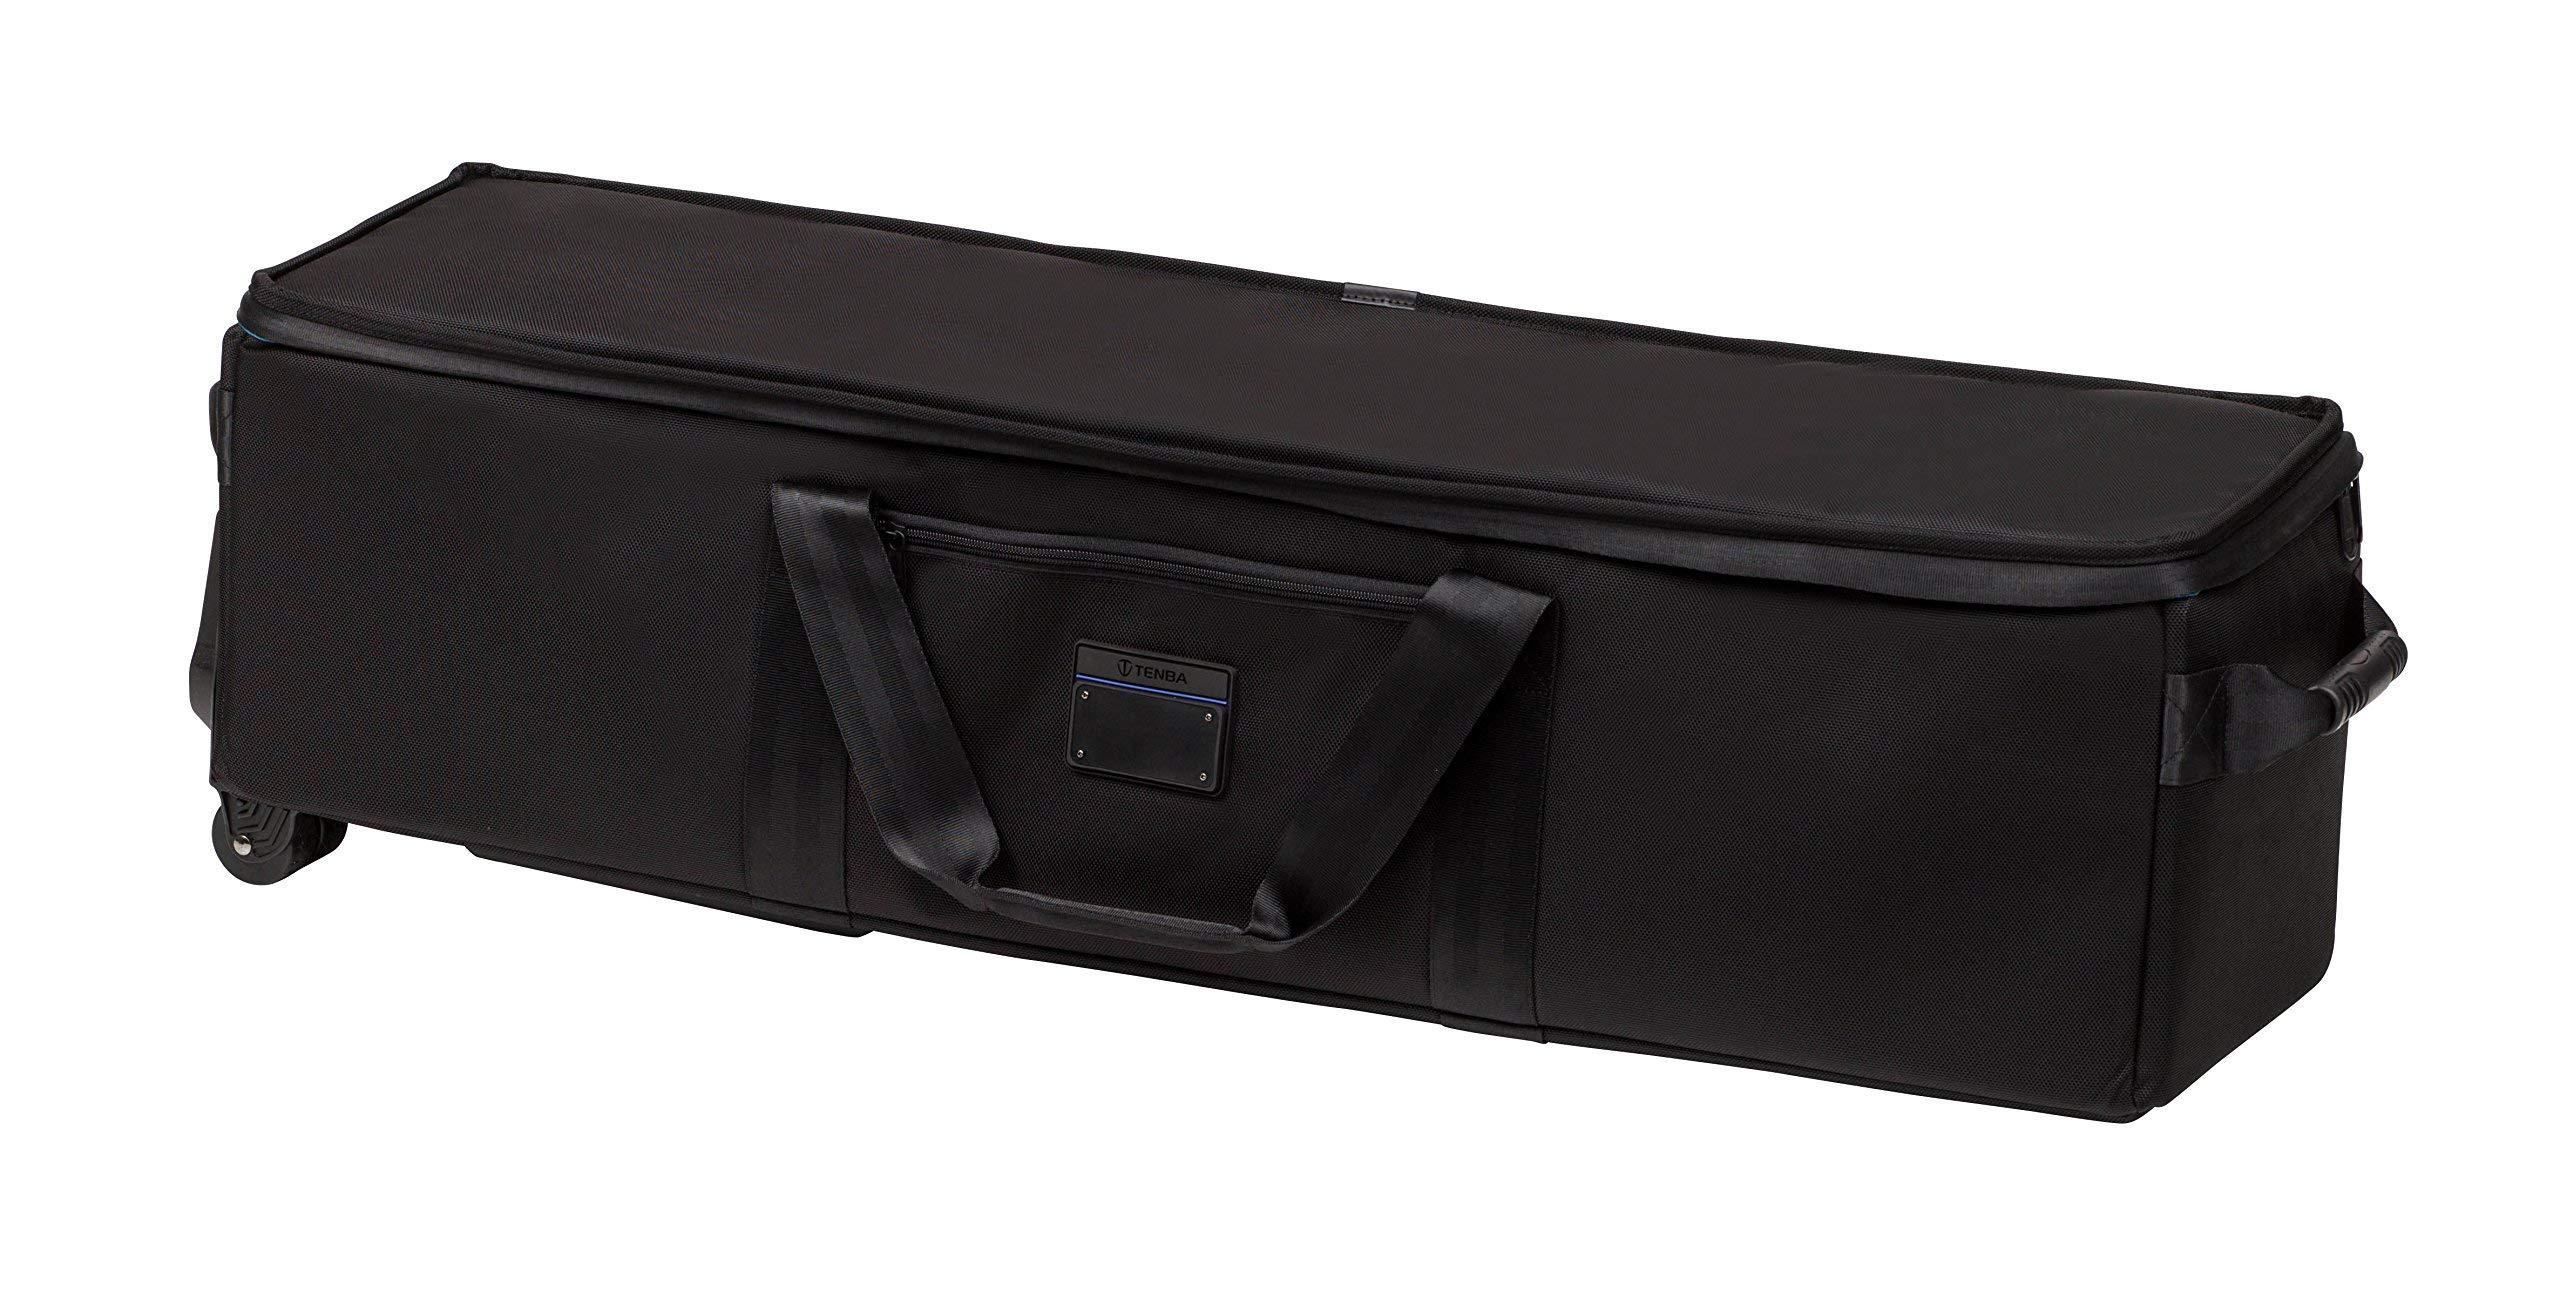 Tenba Transport 38in Rolling Tripod/Grip Case (634-518) by Tenba